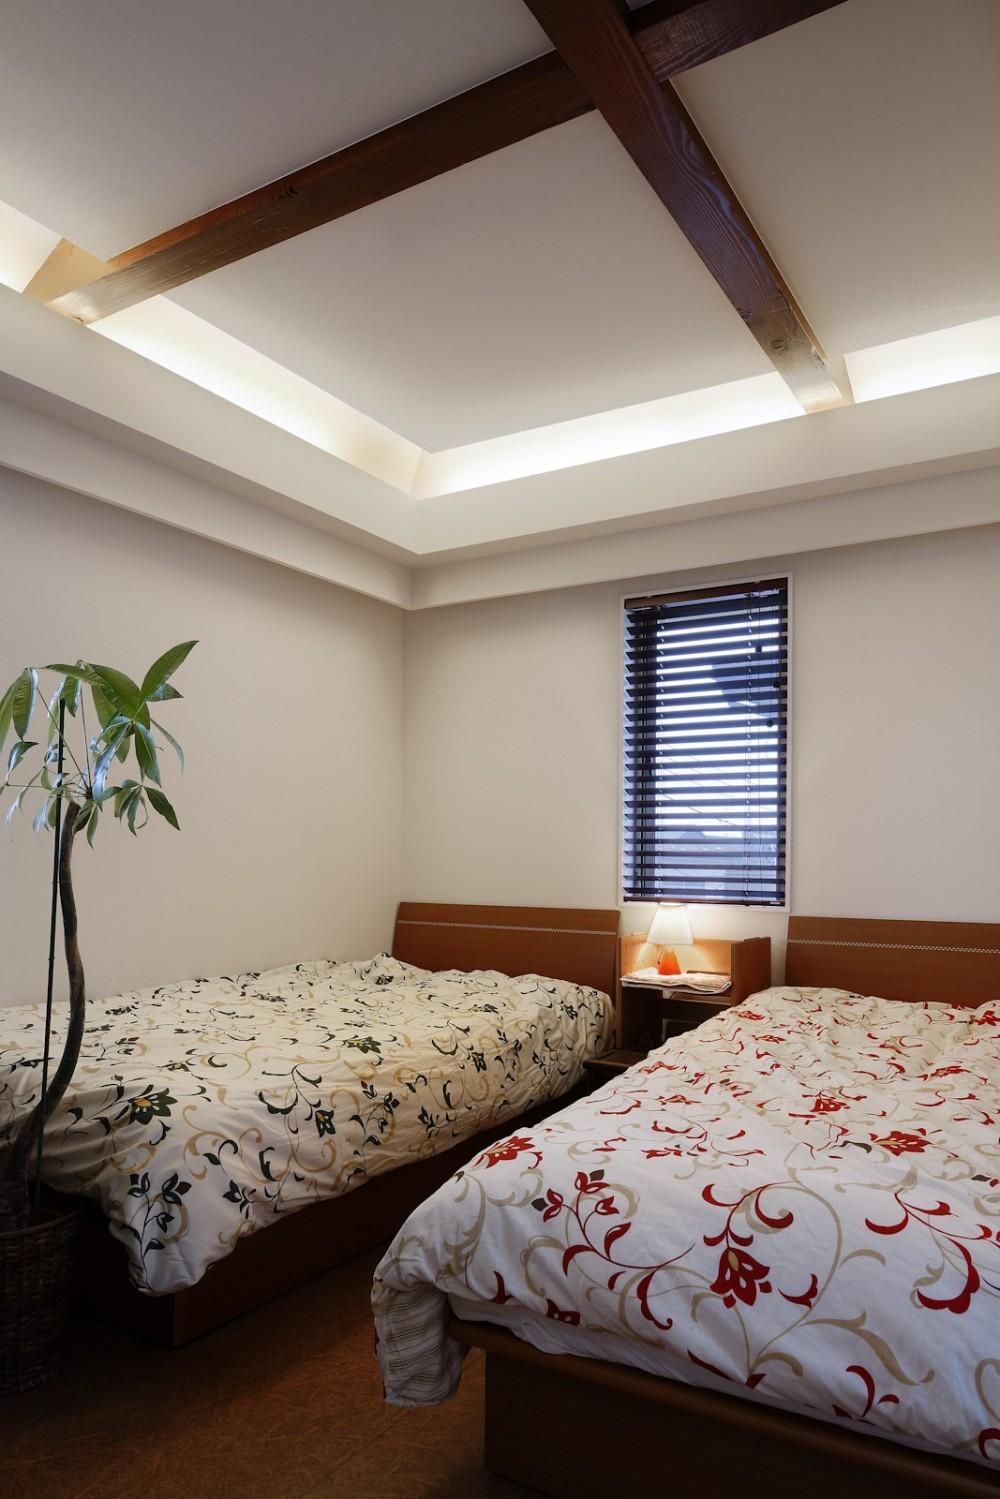 仕事場のある家|あなたの場所・自分の居場所を創る|キッチンとの関係性を良好に家事コーナーのコミュニティ (アジアンな主寝室)